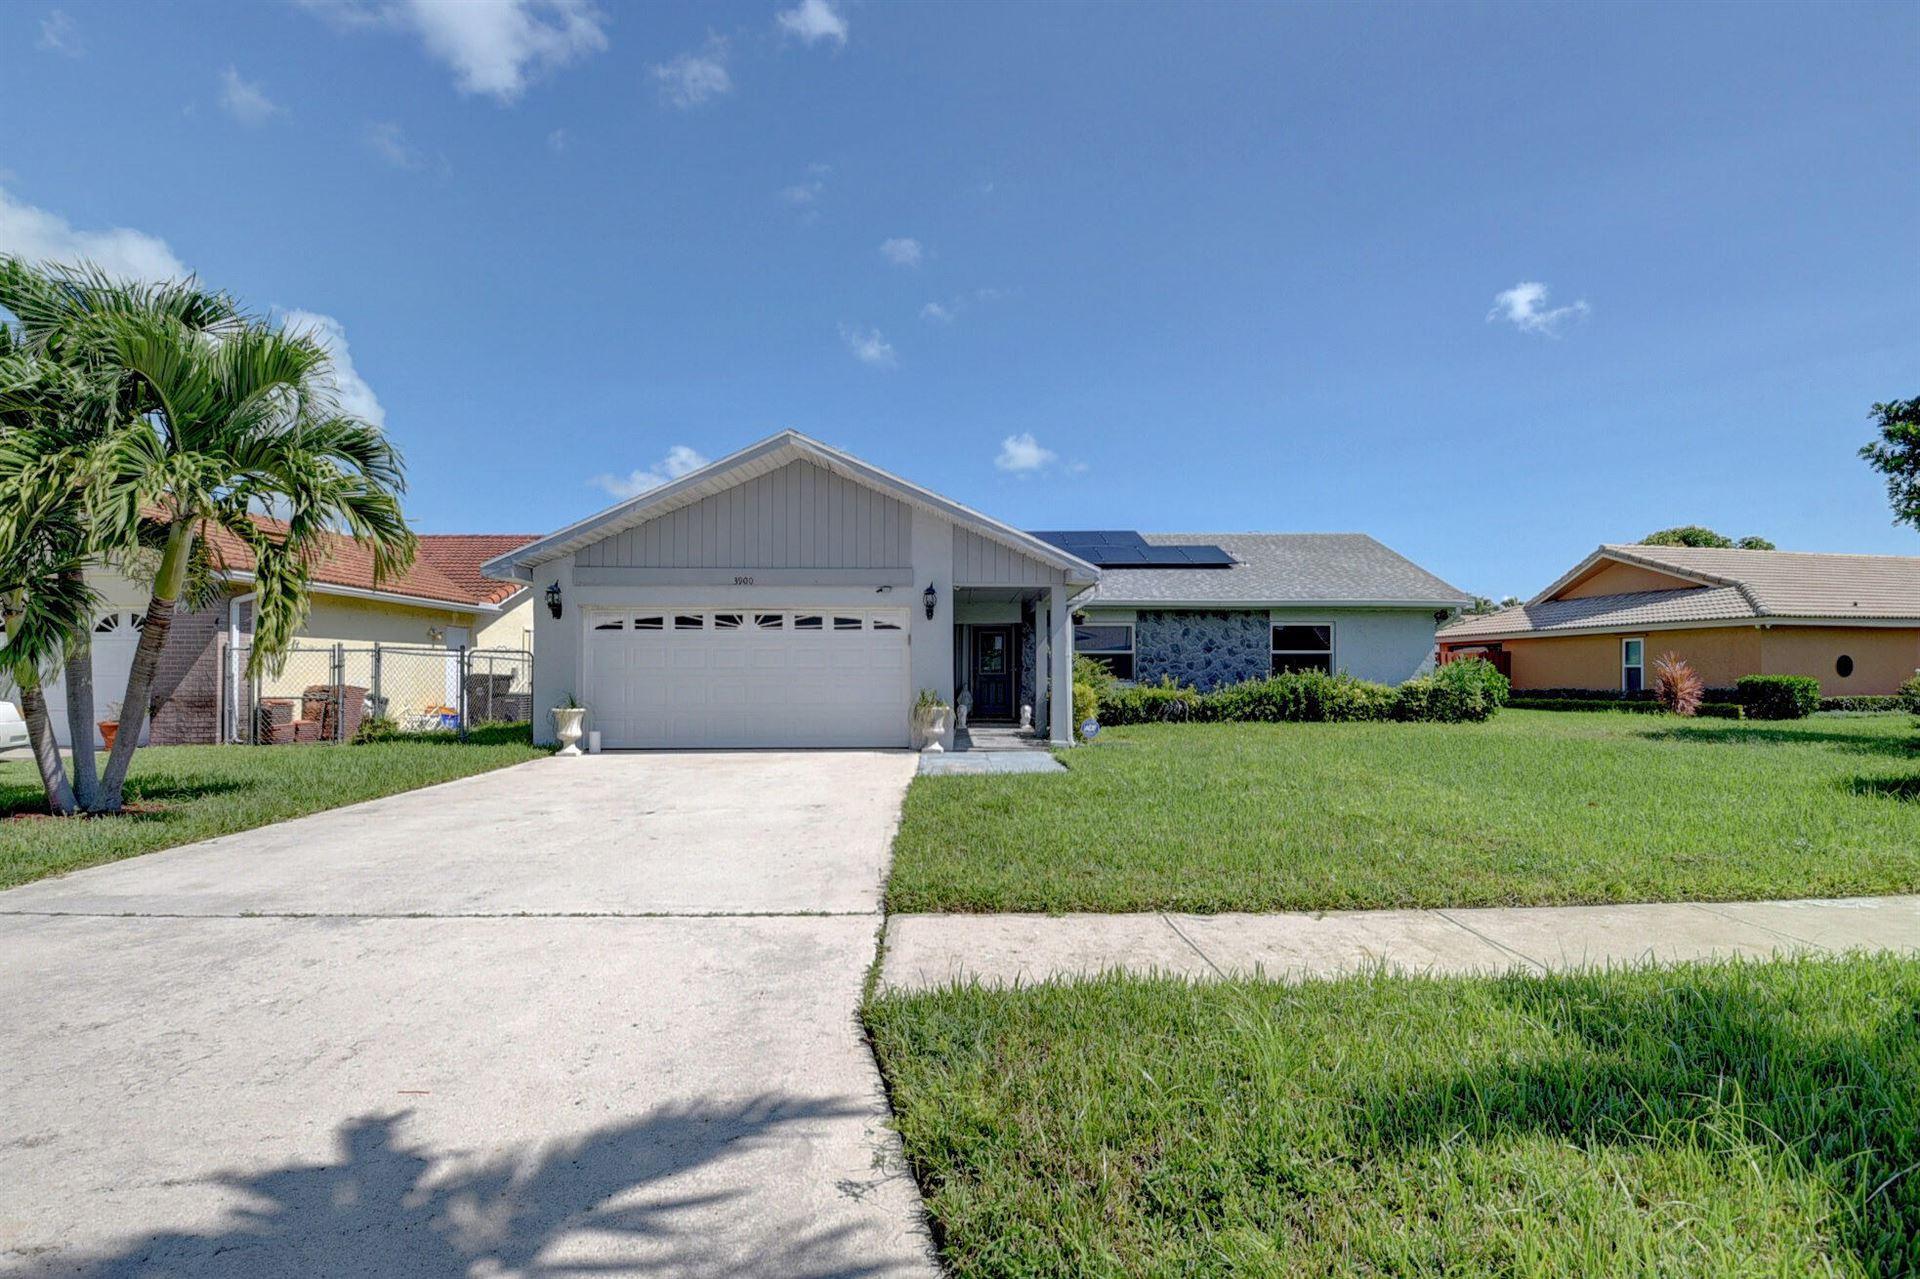 3900 Shelley Road S, West Palm Beach, FL 33407 - MLS#: RX-10745264